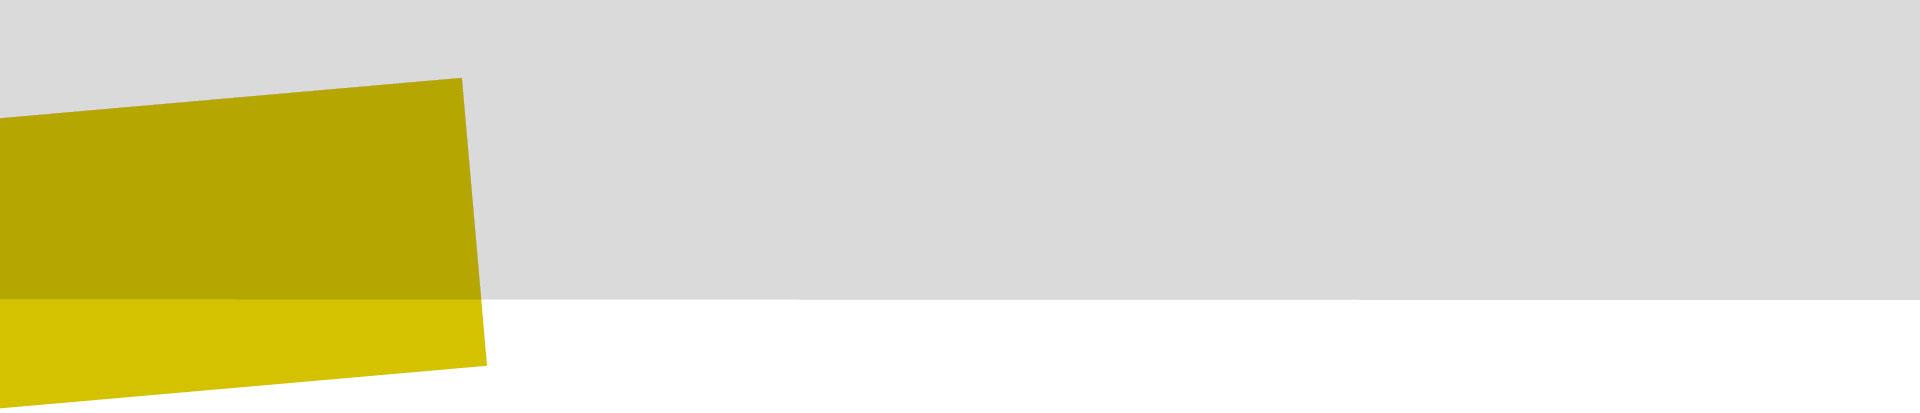 Neomec _ Sistemi automatici per movimentazione banner prod int